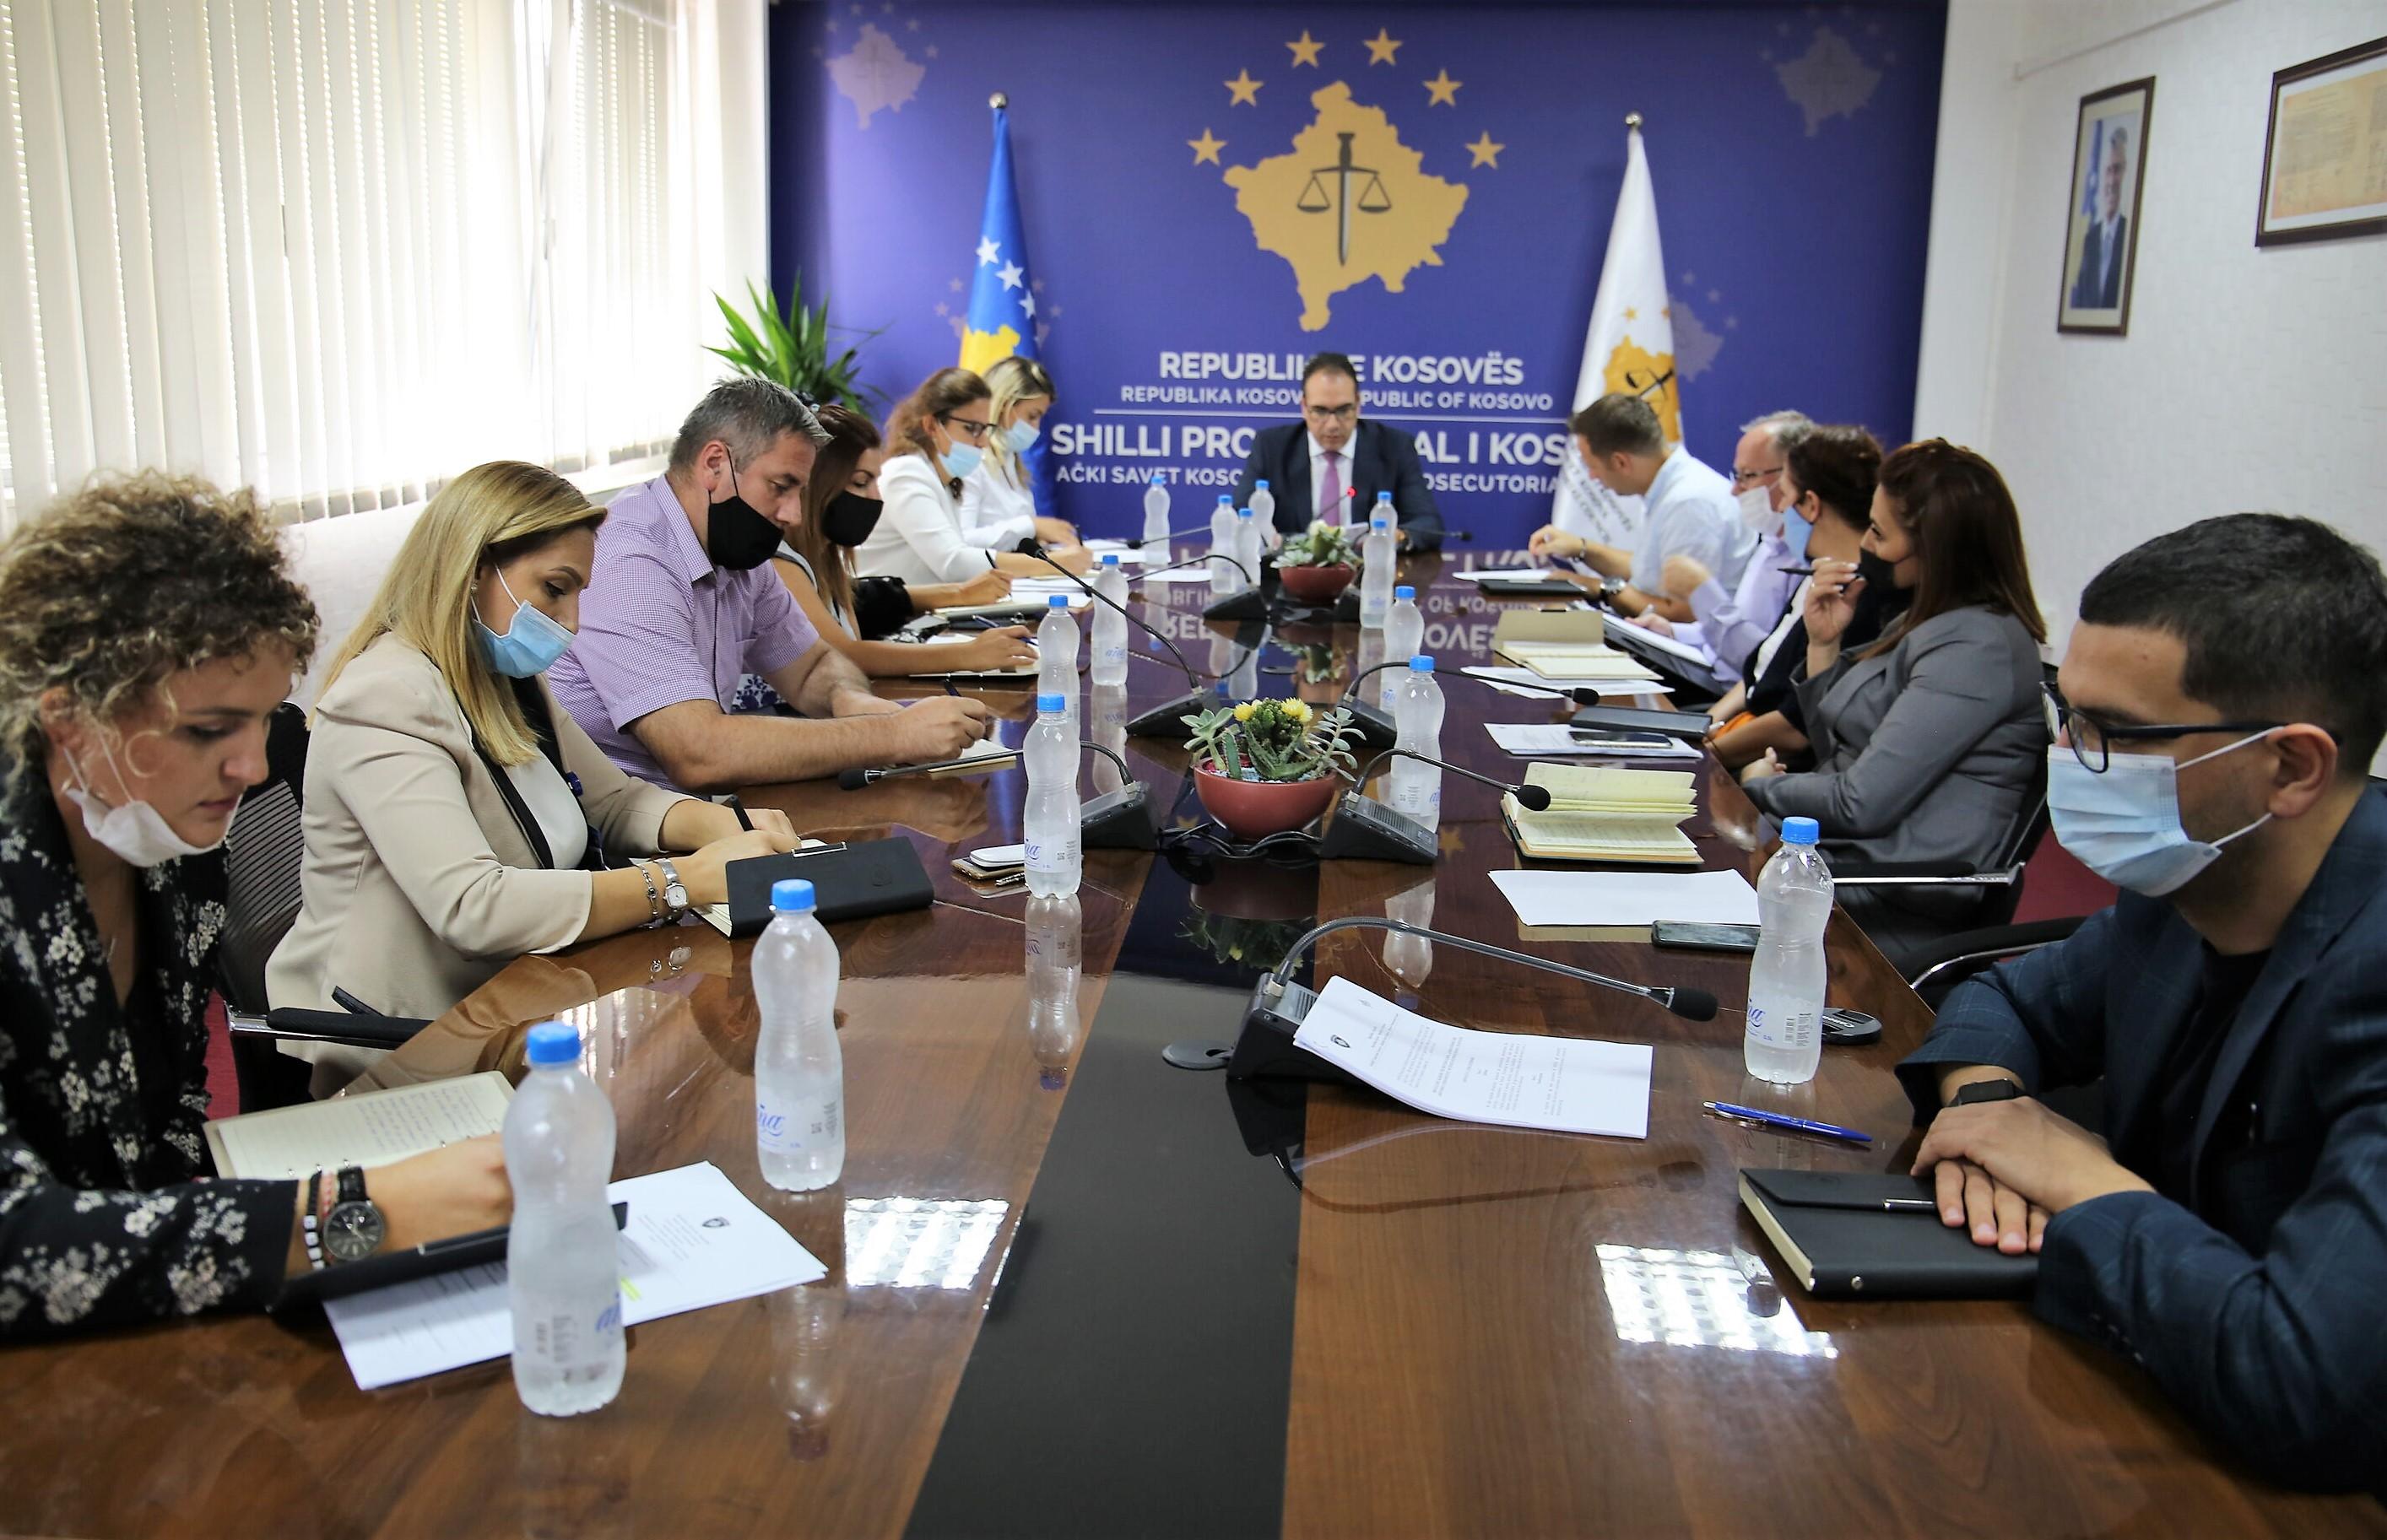 Drejtori Krasniqi ka mbajtur takim me udhëheqësit e njësive të Sekretariatit